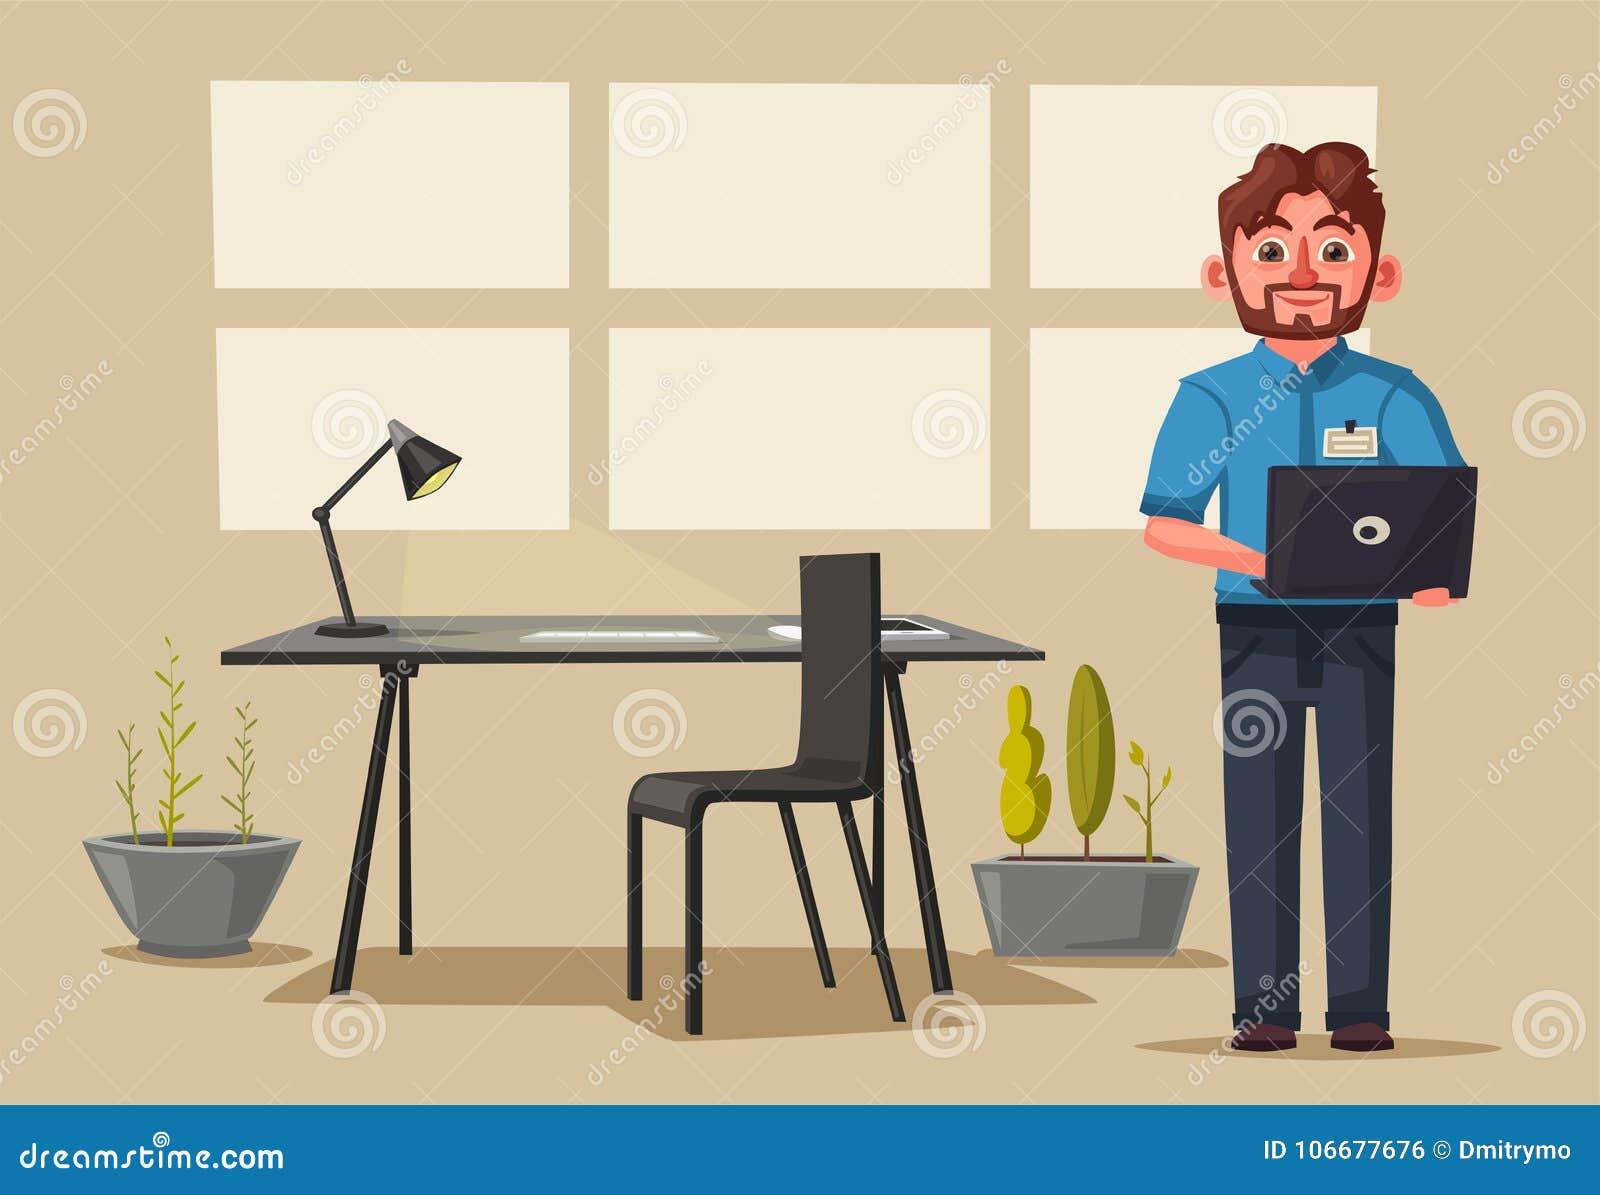 Lieu de travail moderne caractère créateur travail de bureau